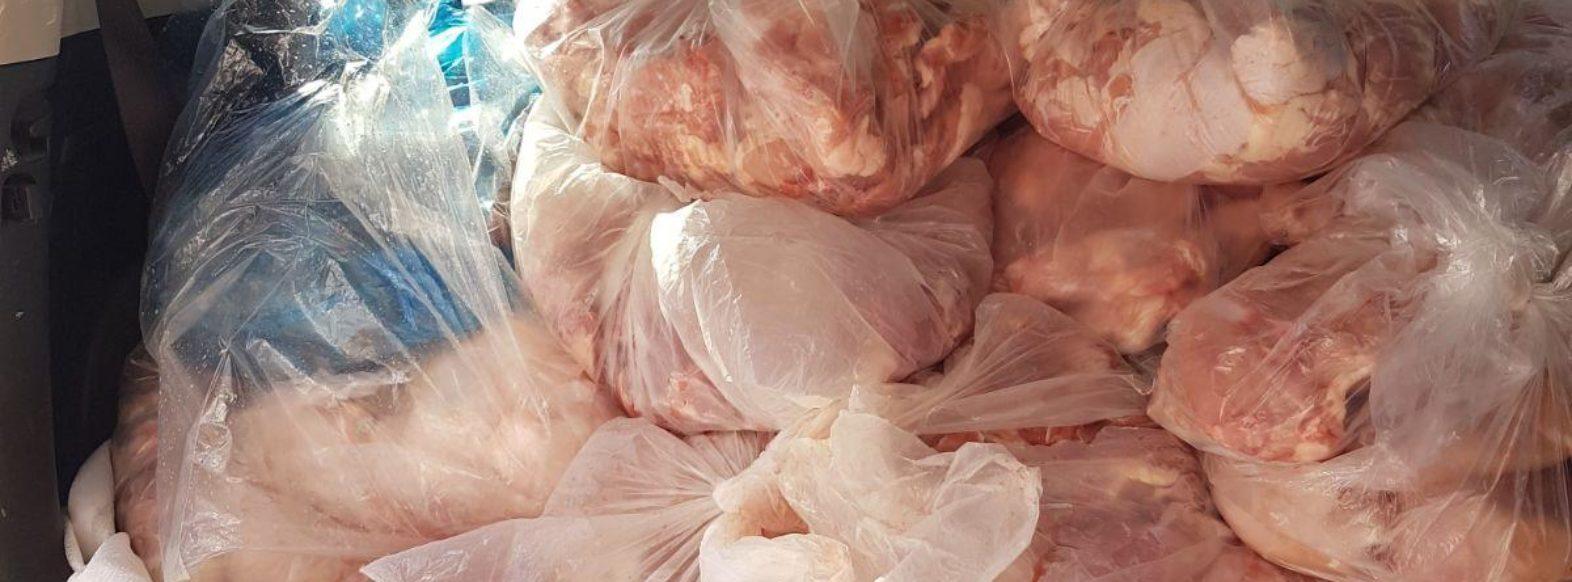 """מעל 500 ק""""ג בשר לא ראוי למאכל הוחרם באטליז בקריית ביאליק"""